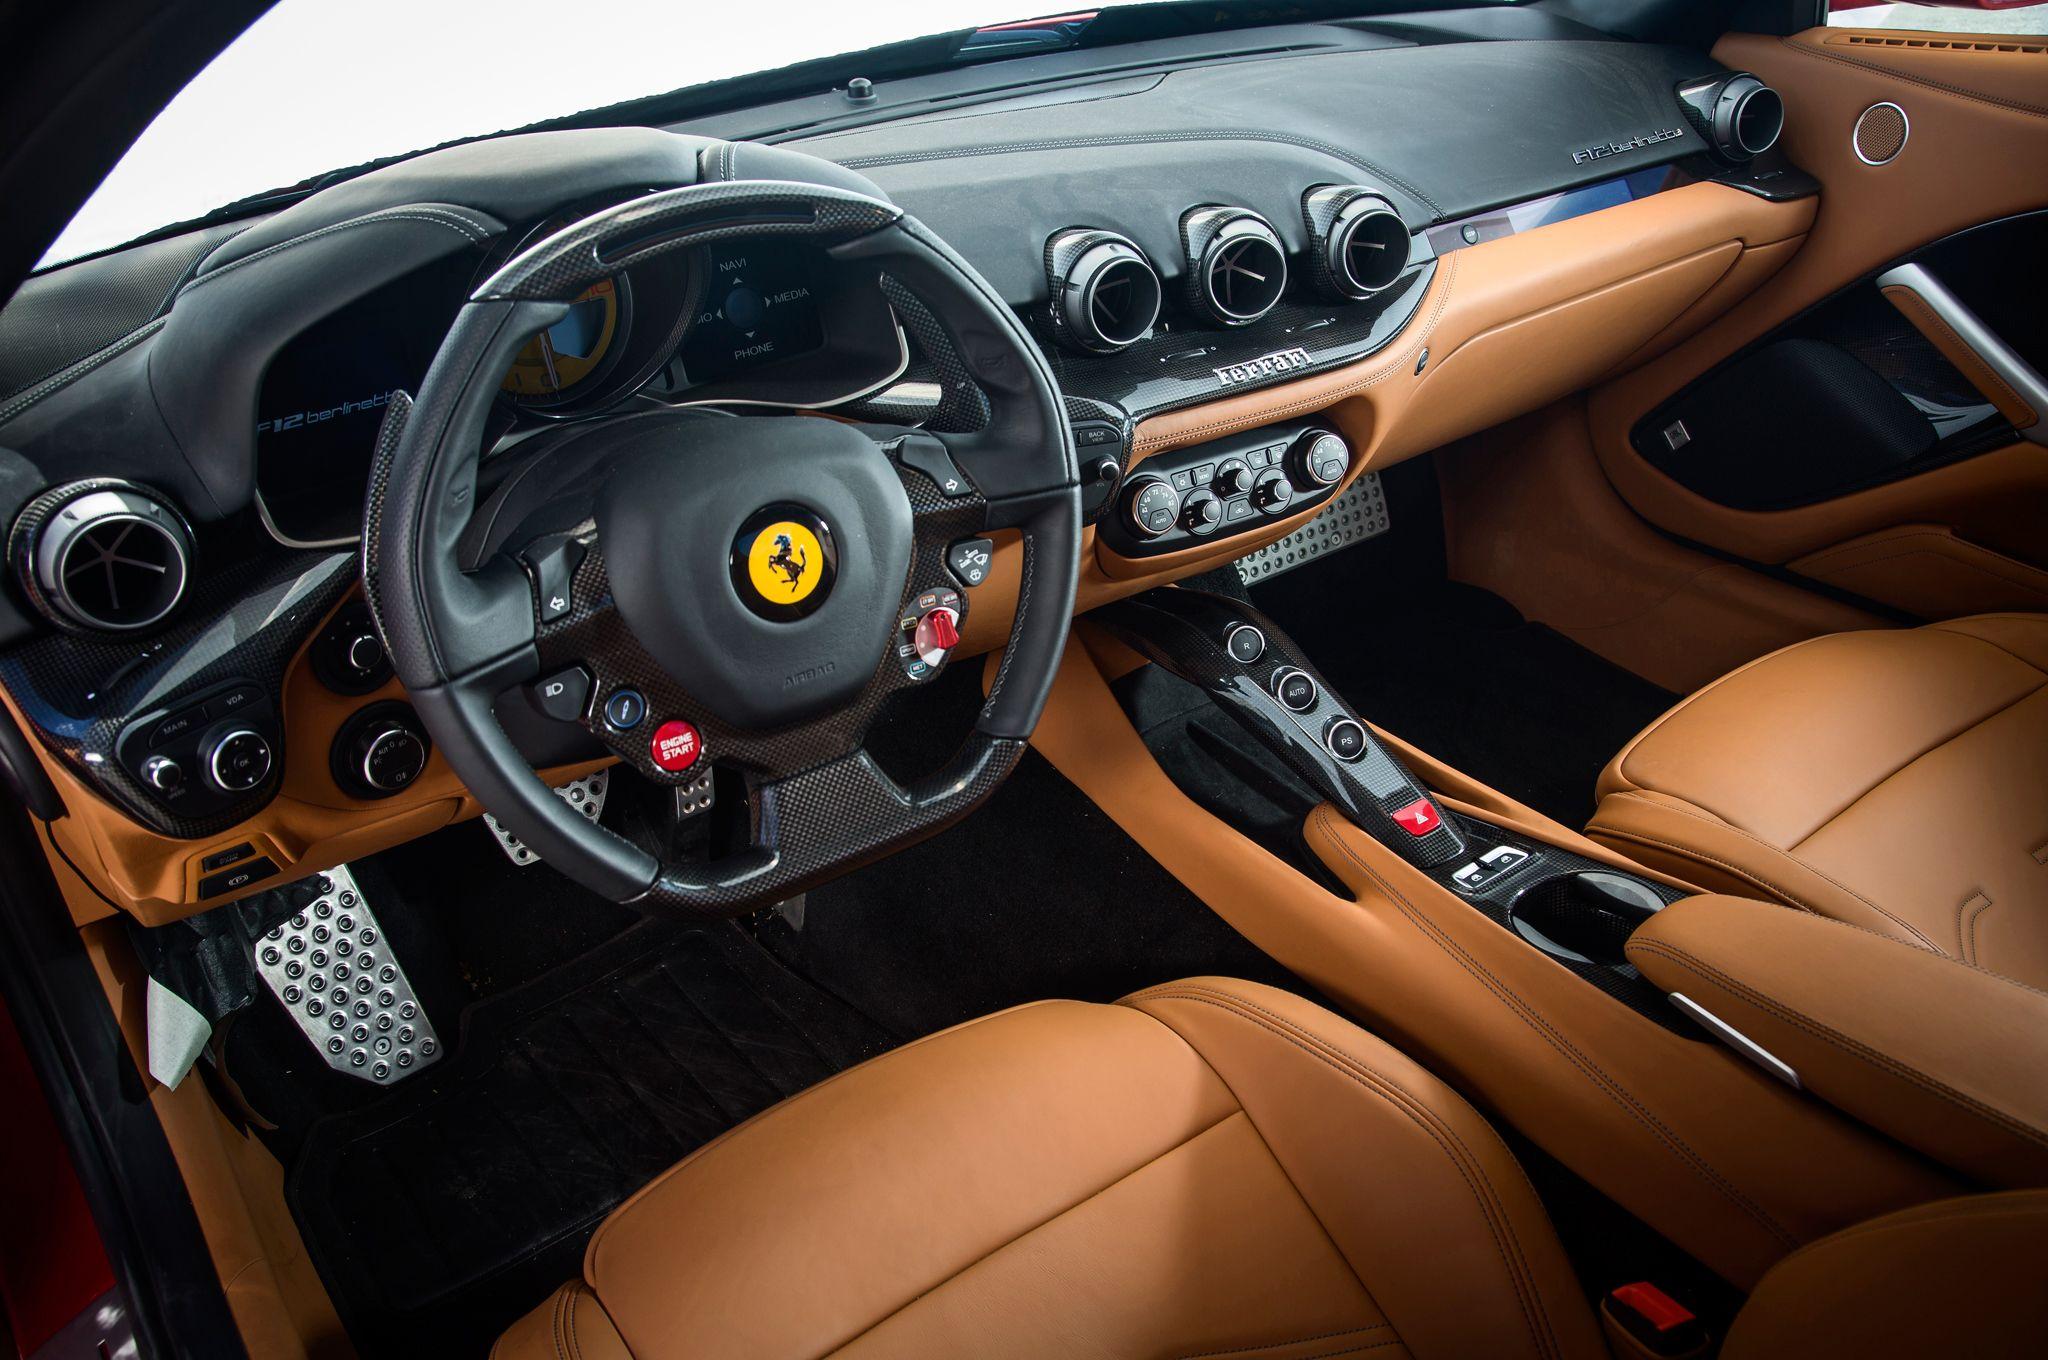 Awesome Ferrari Berlinetta F12 Interior